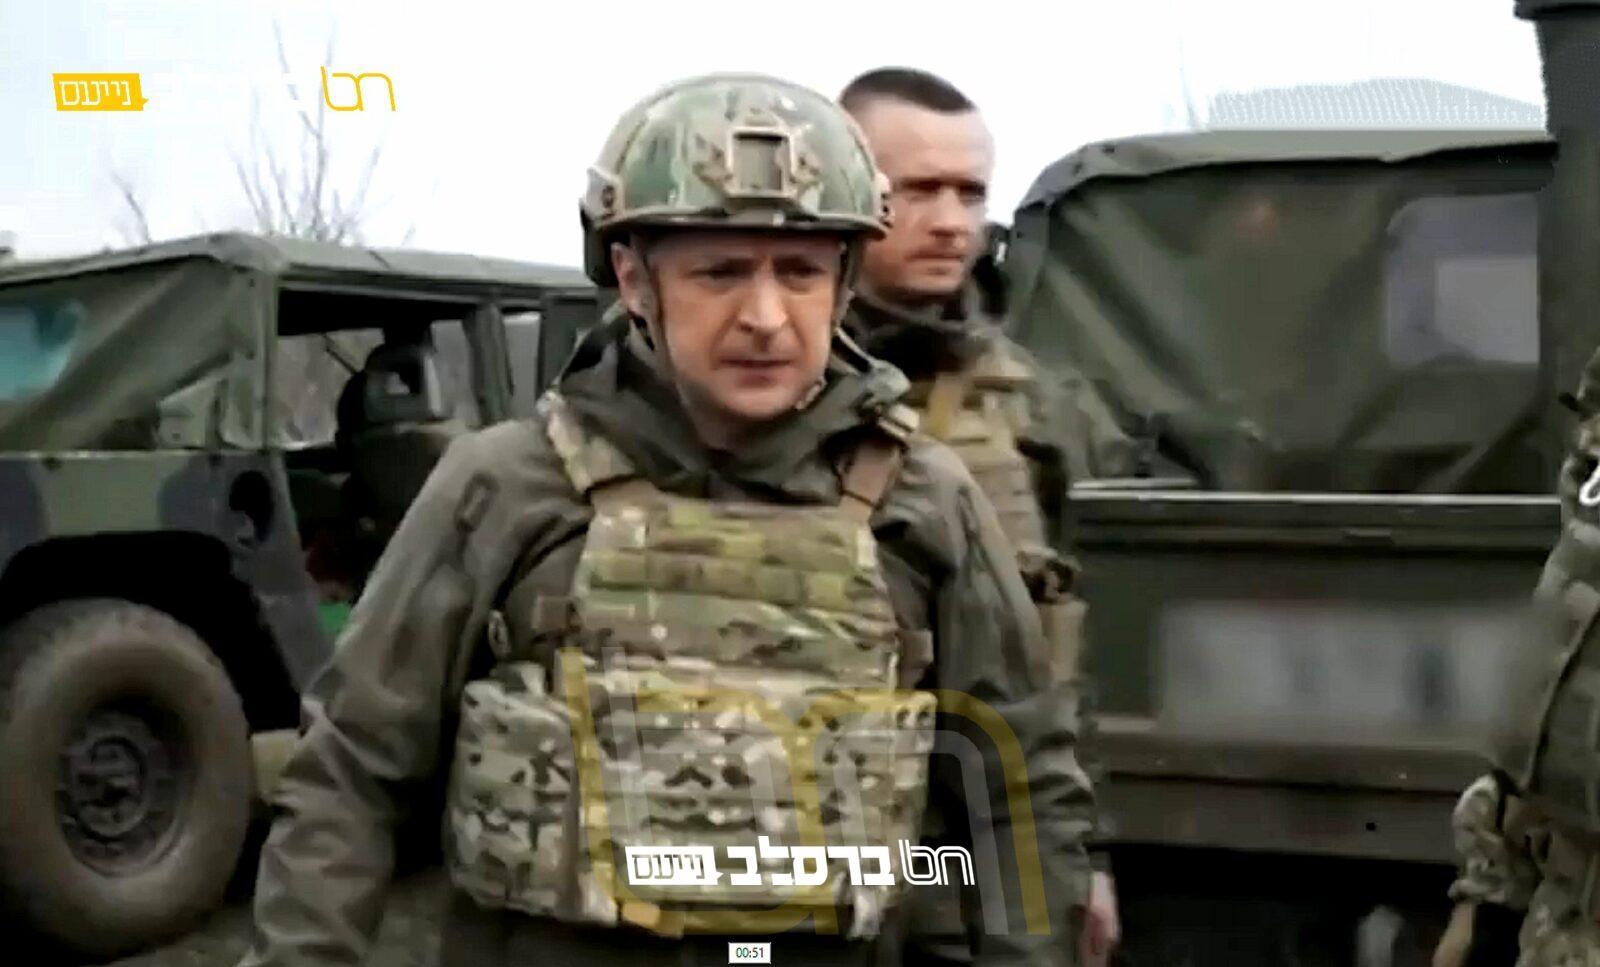 דונבאס • צפו נשיא אוקראינה יצא לחזית